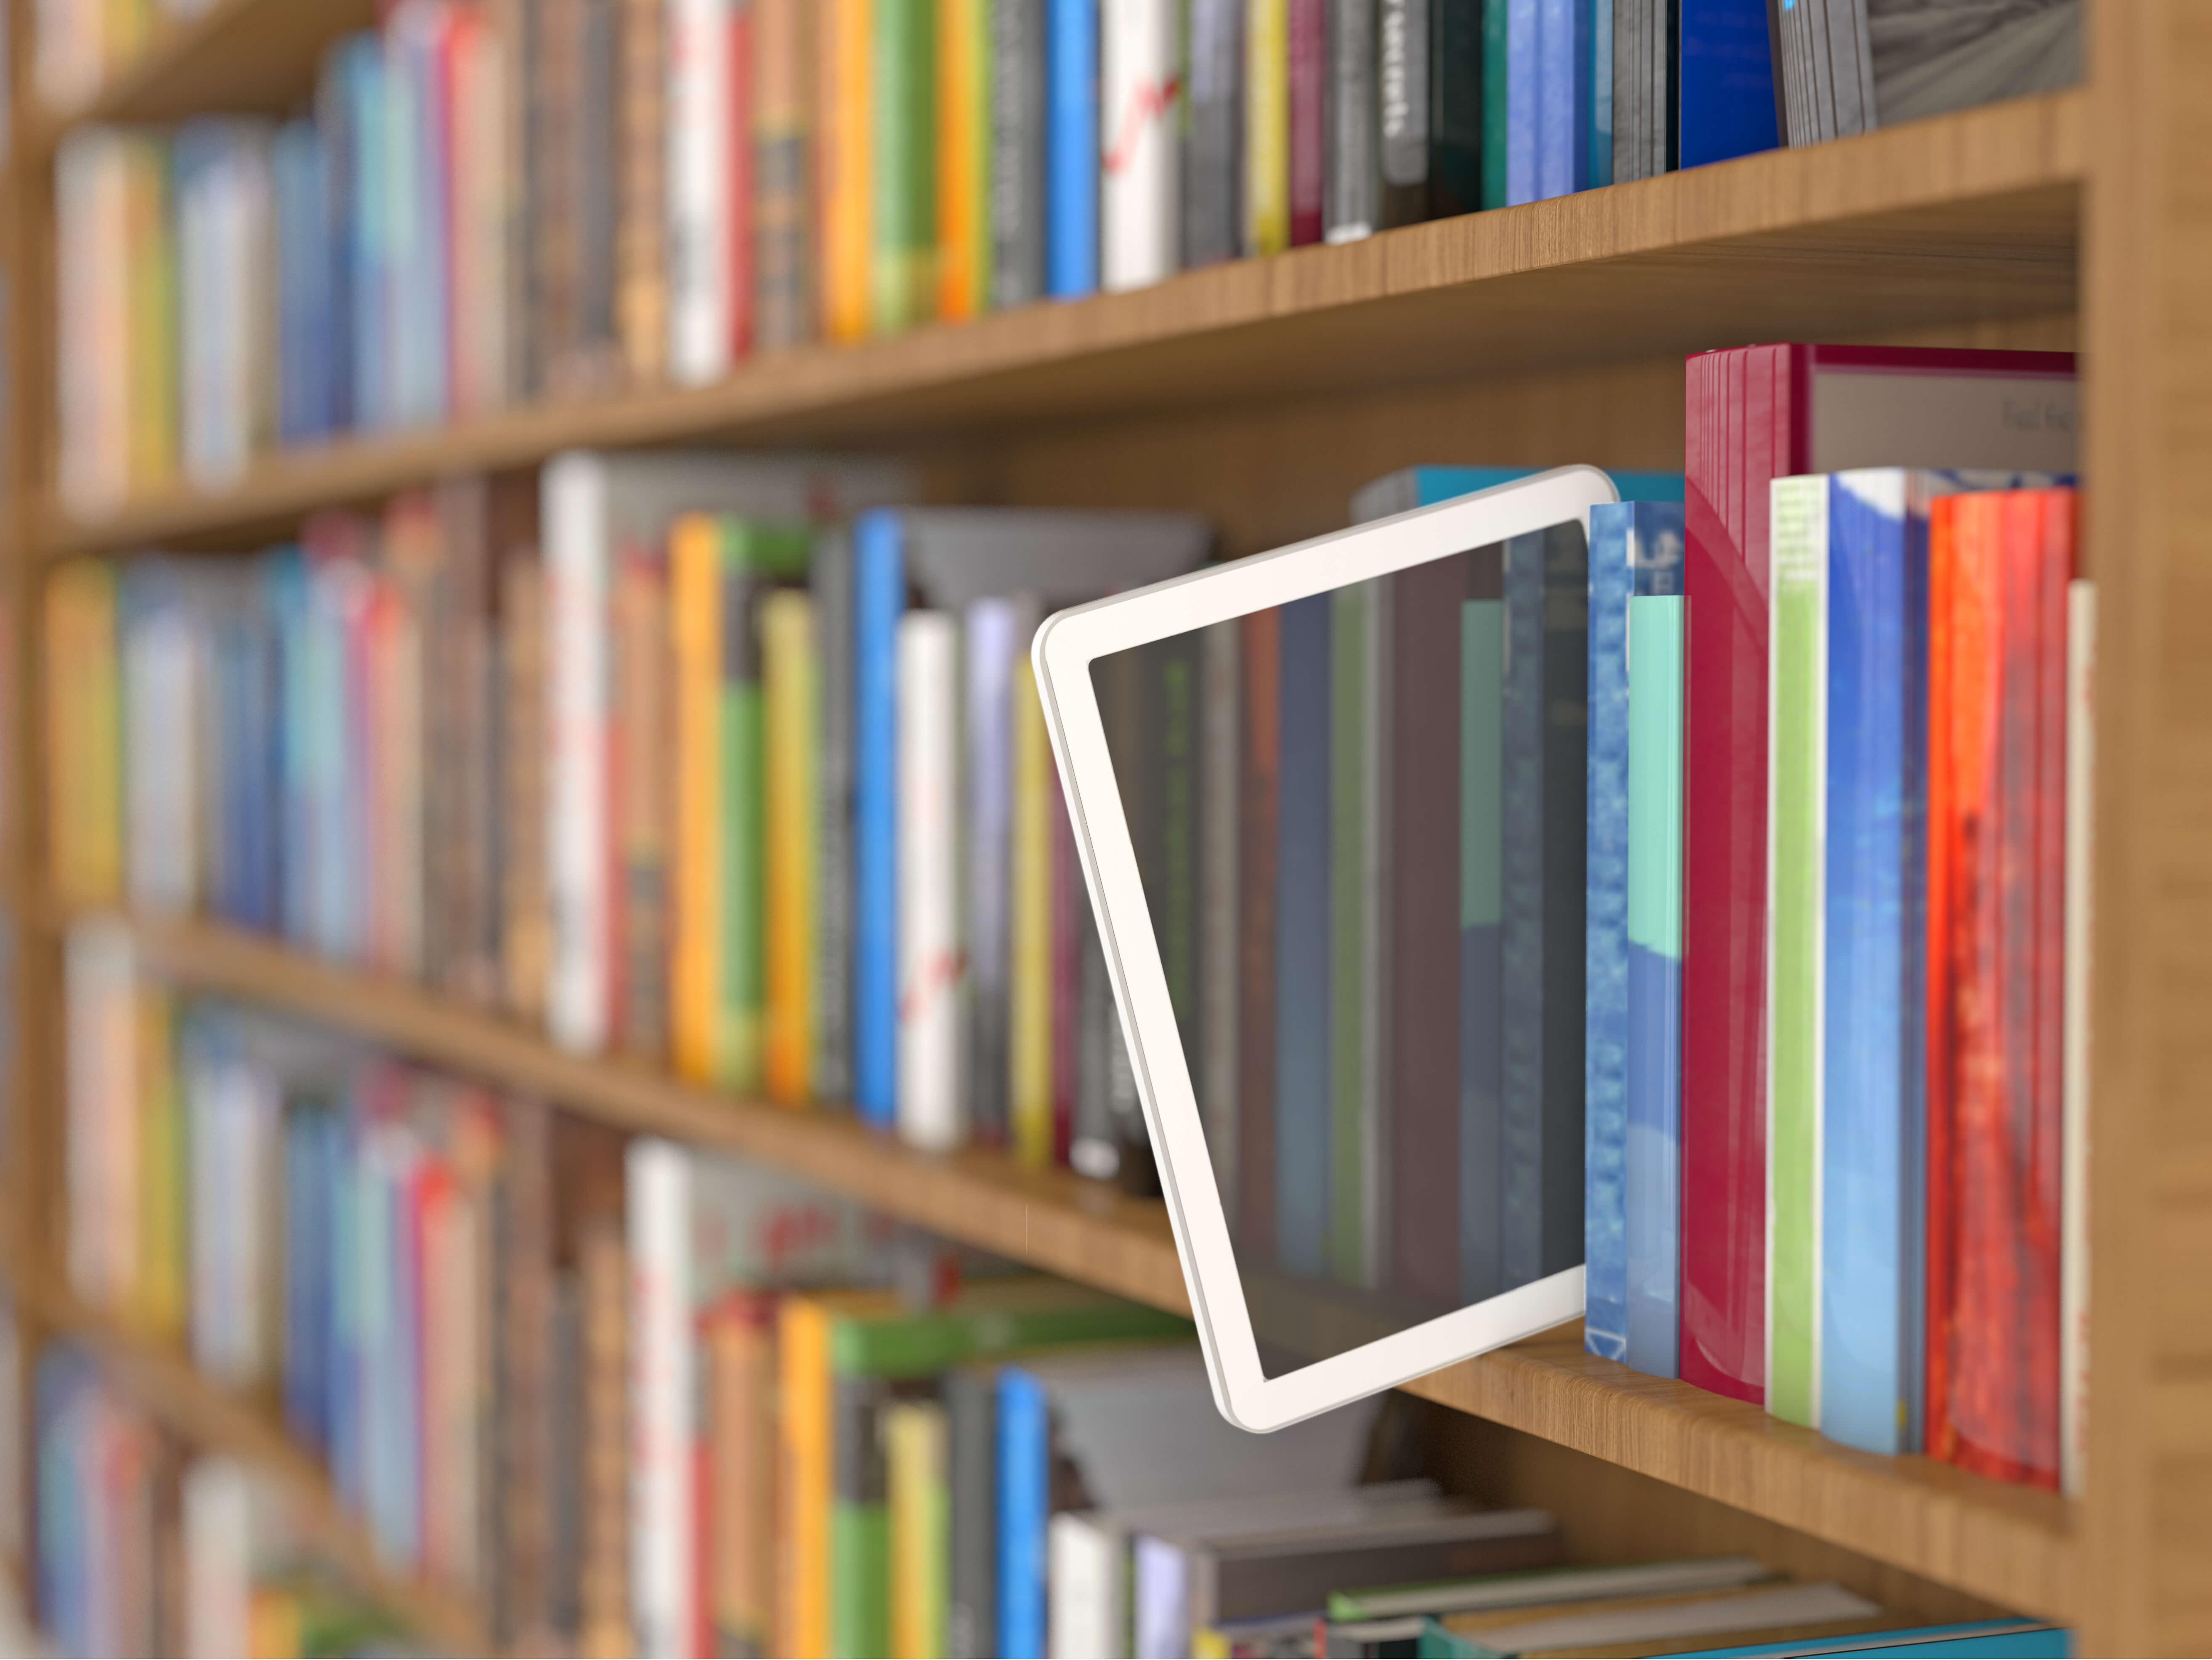 Opinião | EdTech e a revolução para o setor de educação